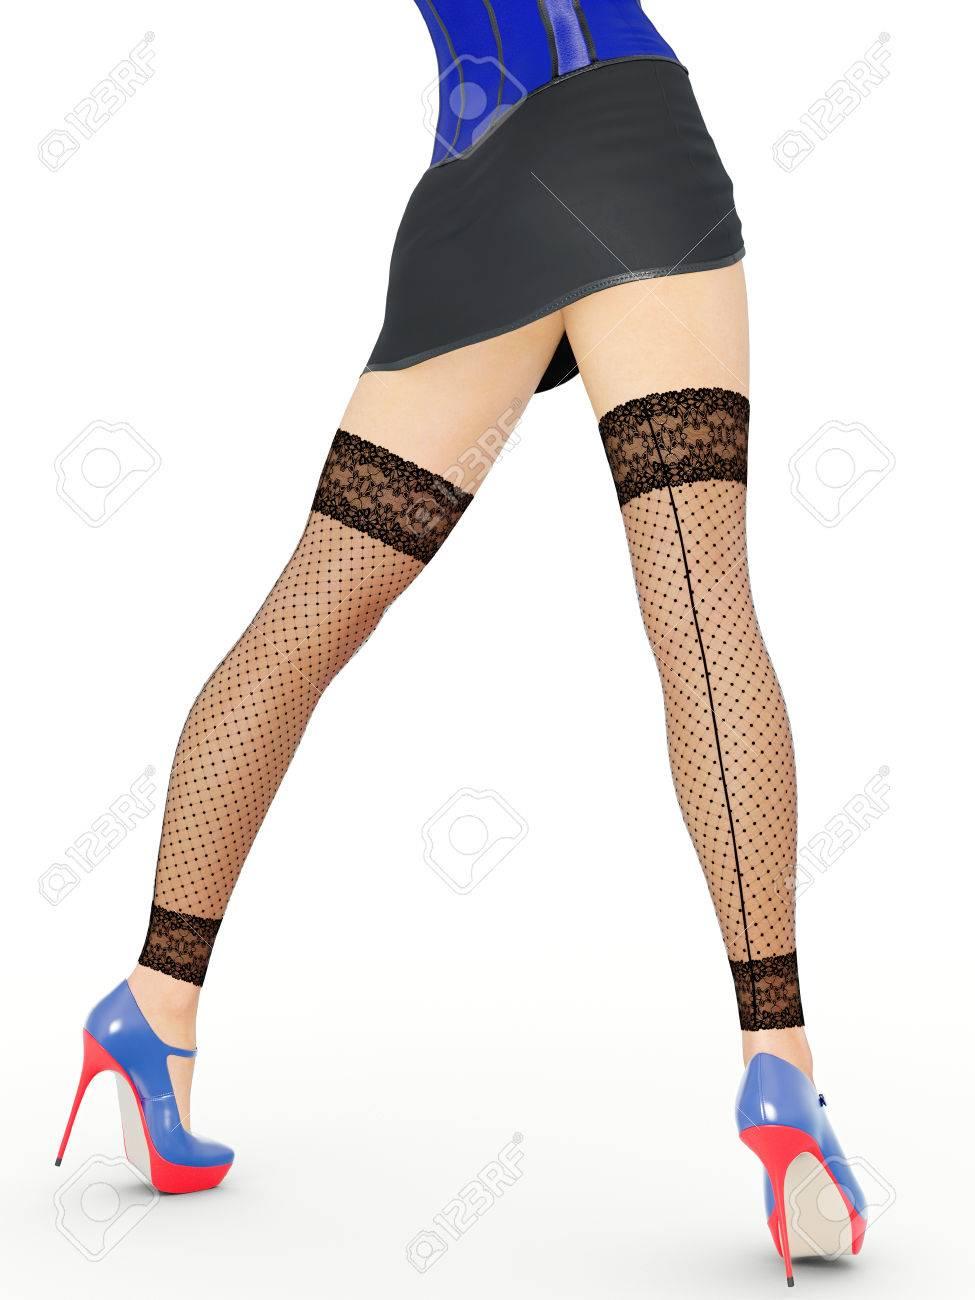 Milf Stockings Heels Anal